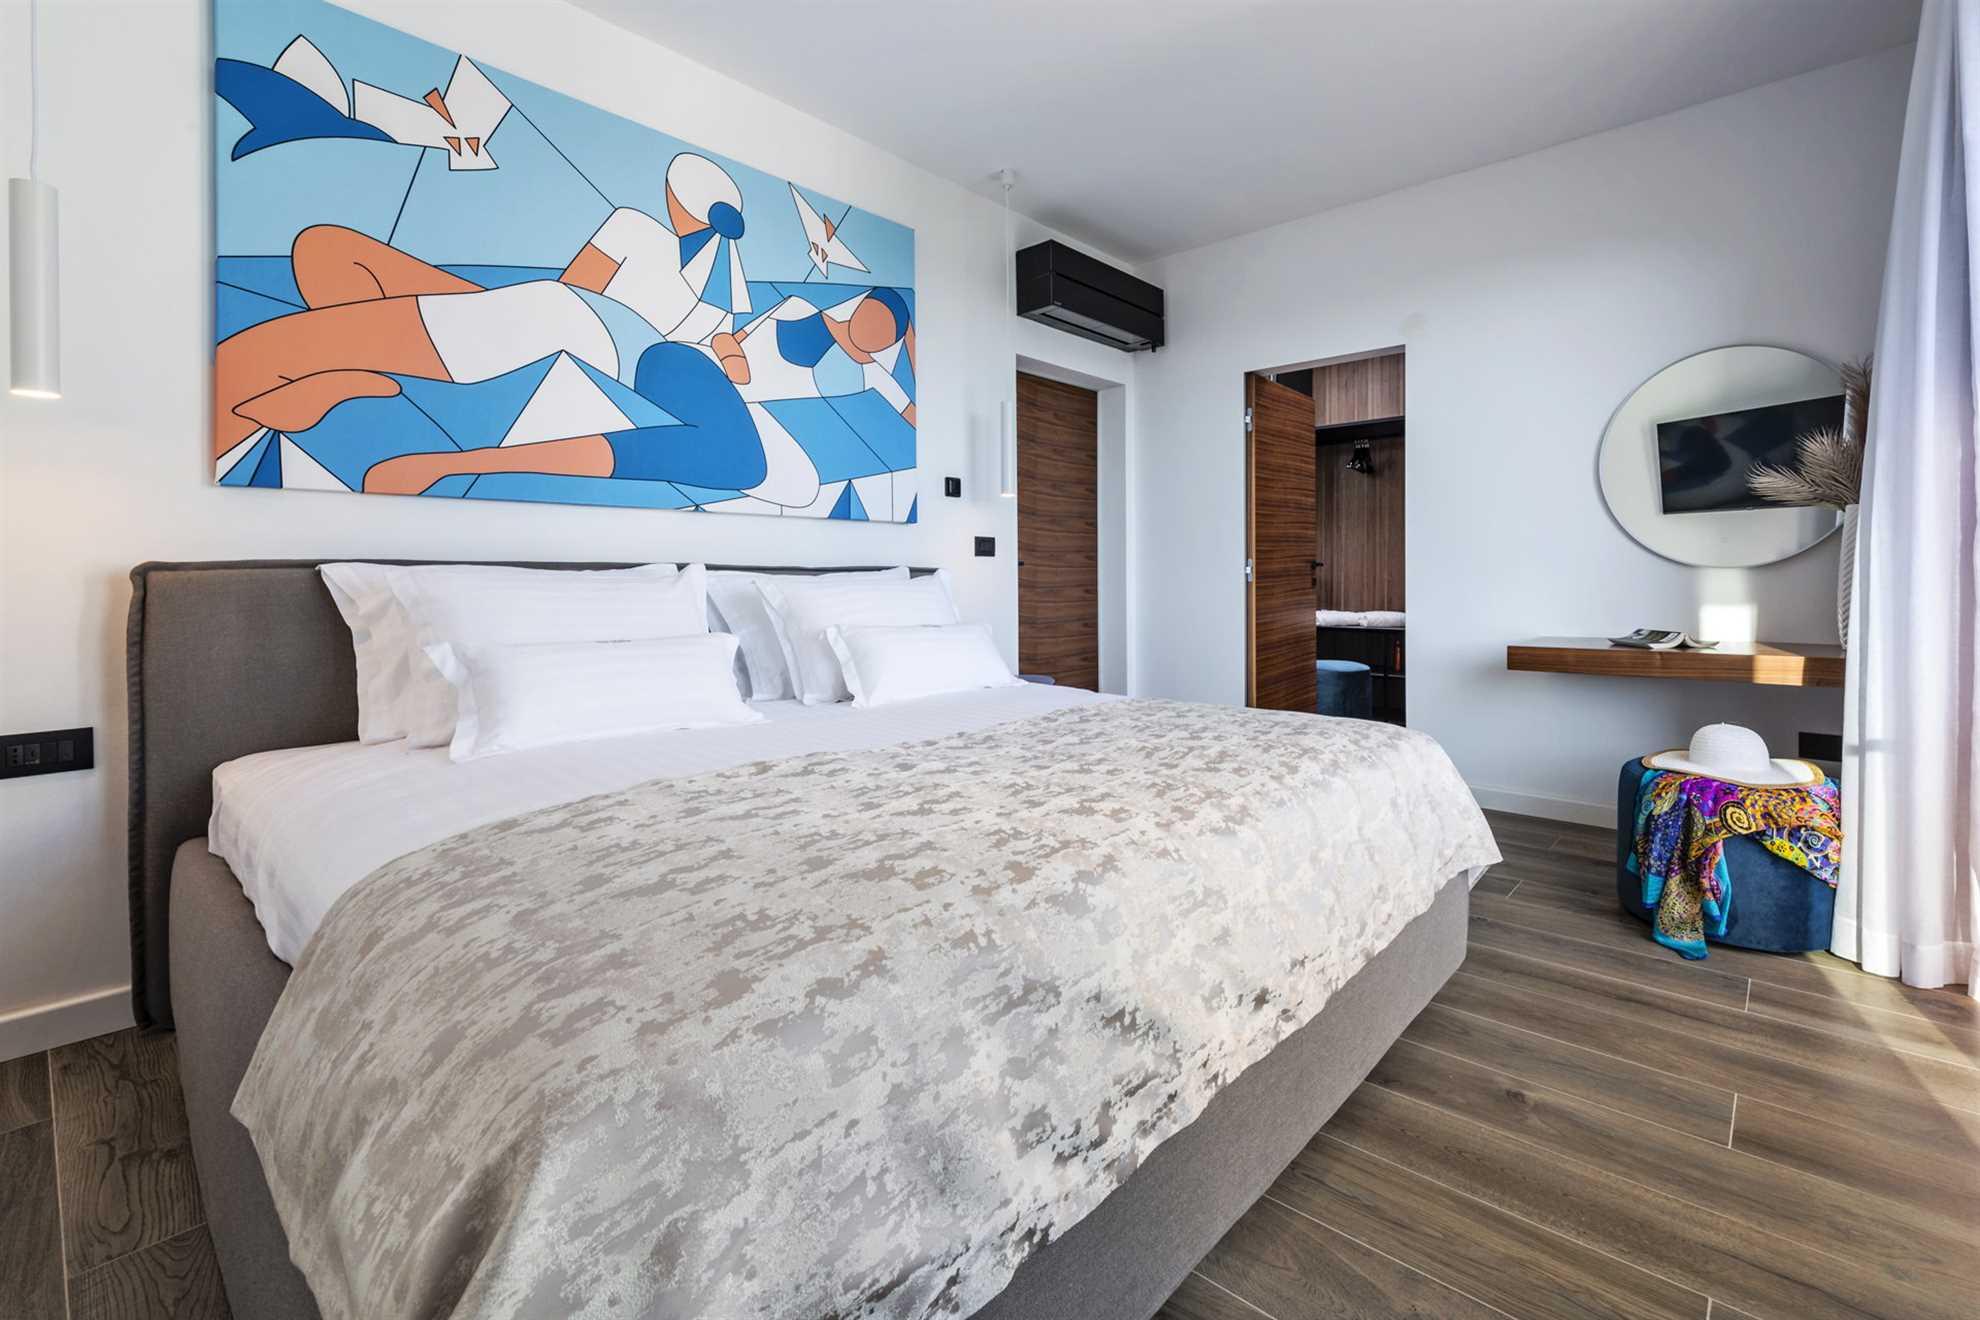 Bedroom with king-size bed in Luxury Villa Emotha - Vacation Rental on Korcula Island , Croatia